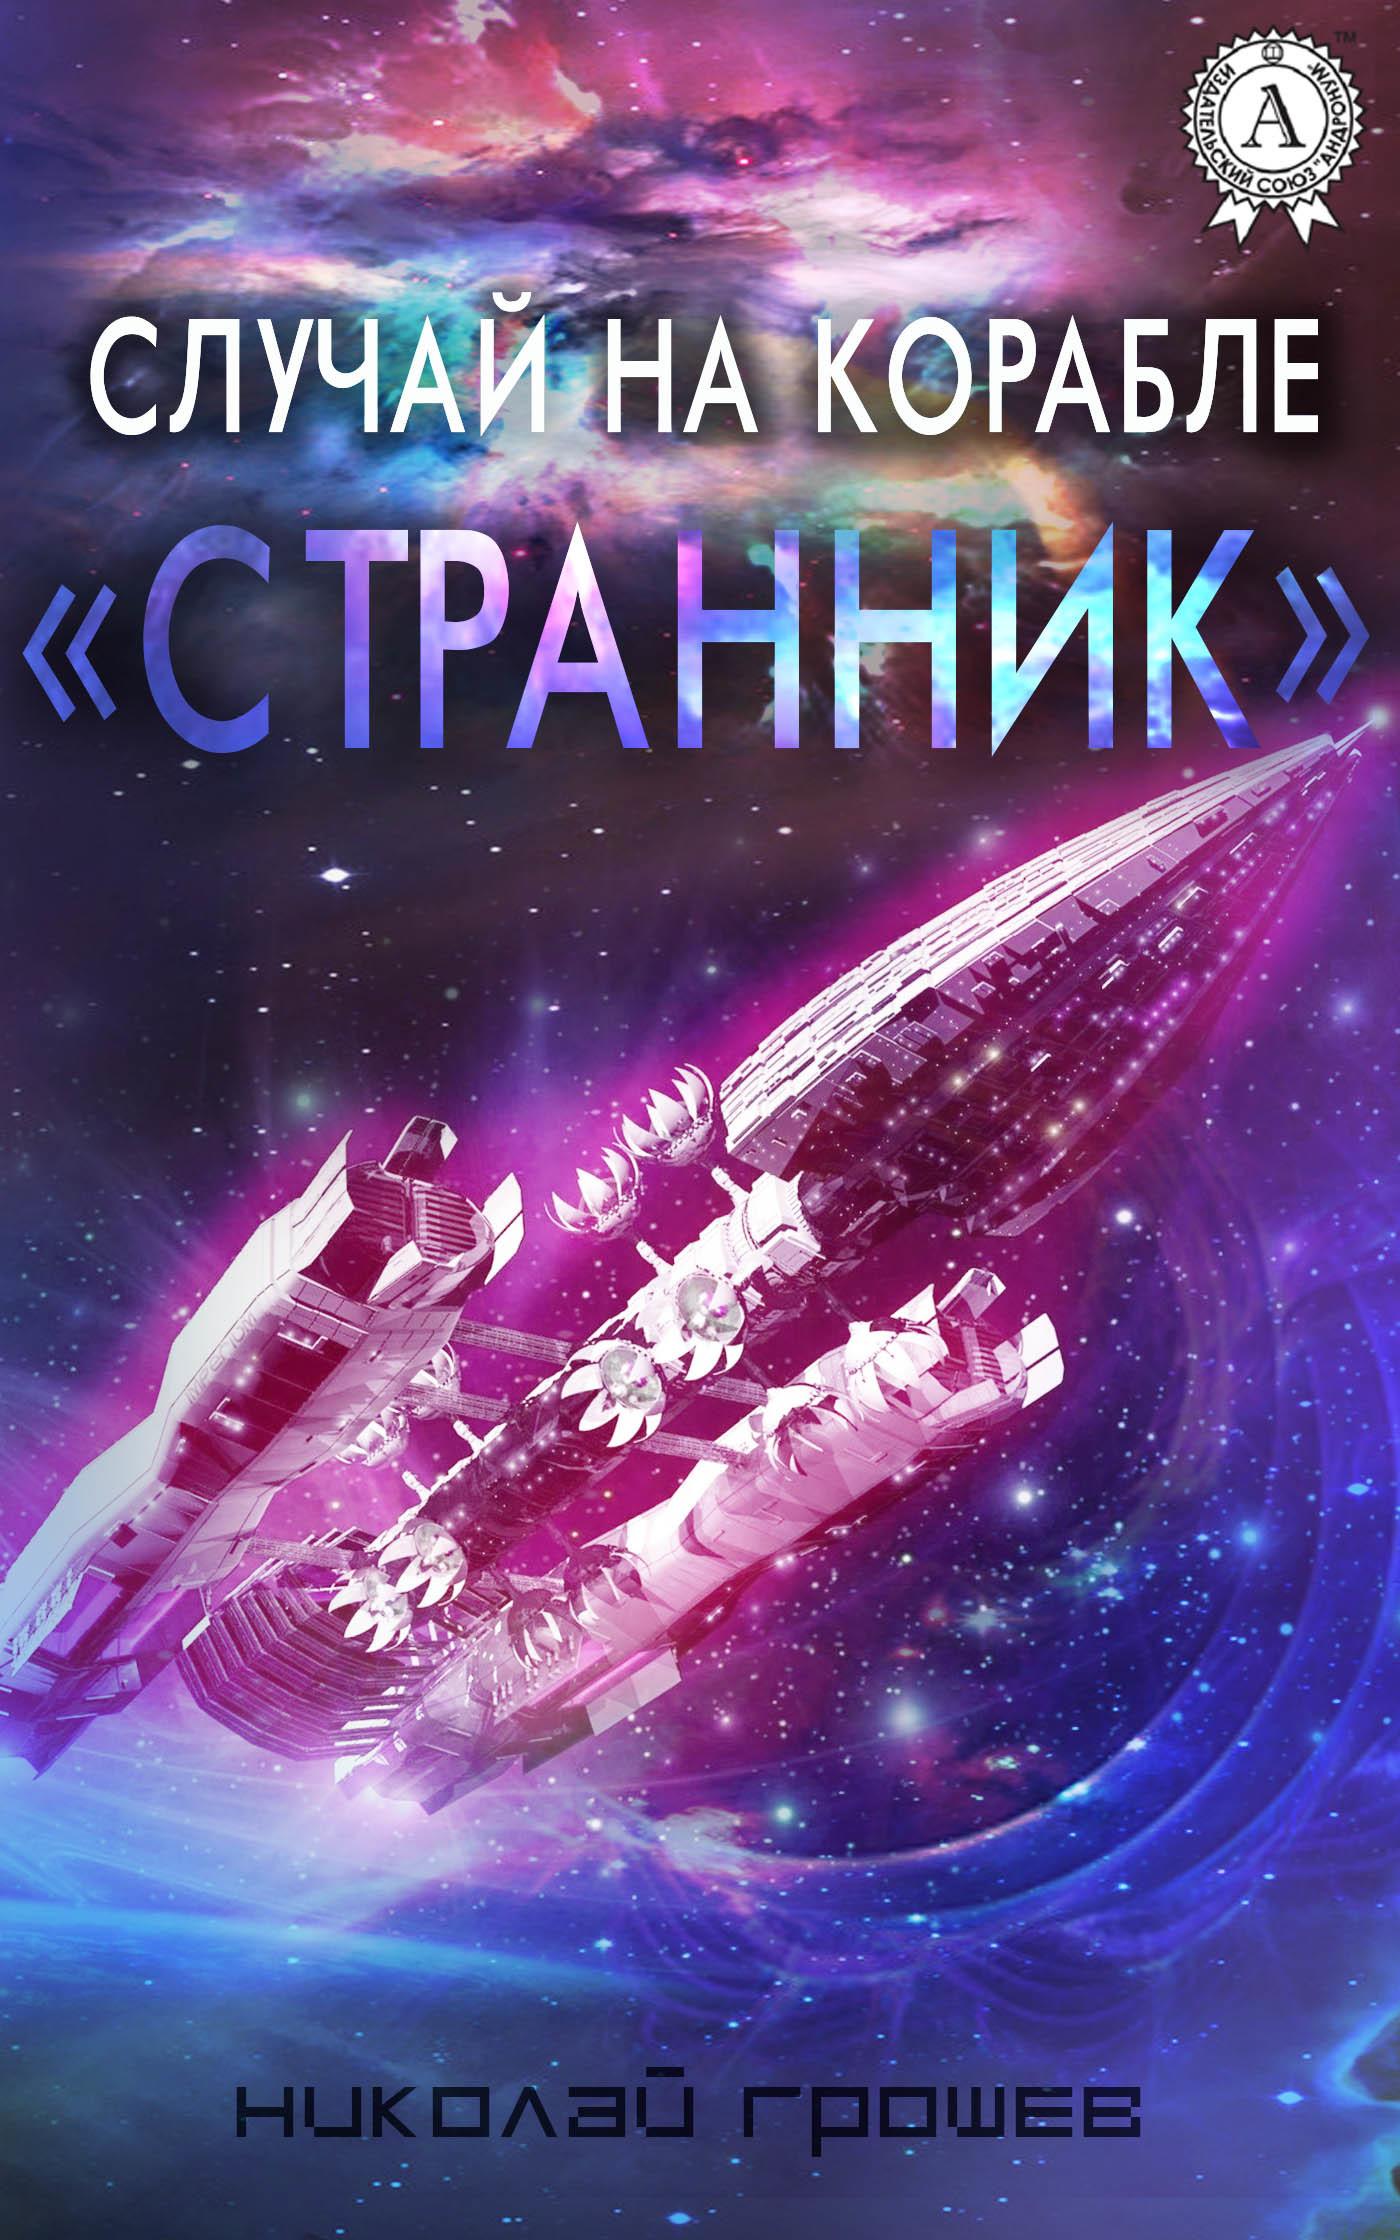 Николай Грошев - Случай на корабле «Странник»